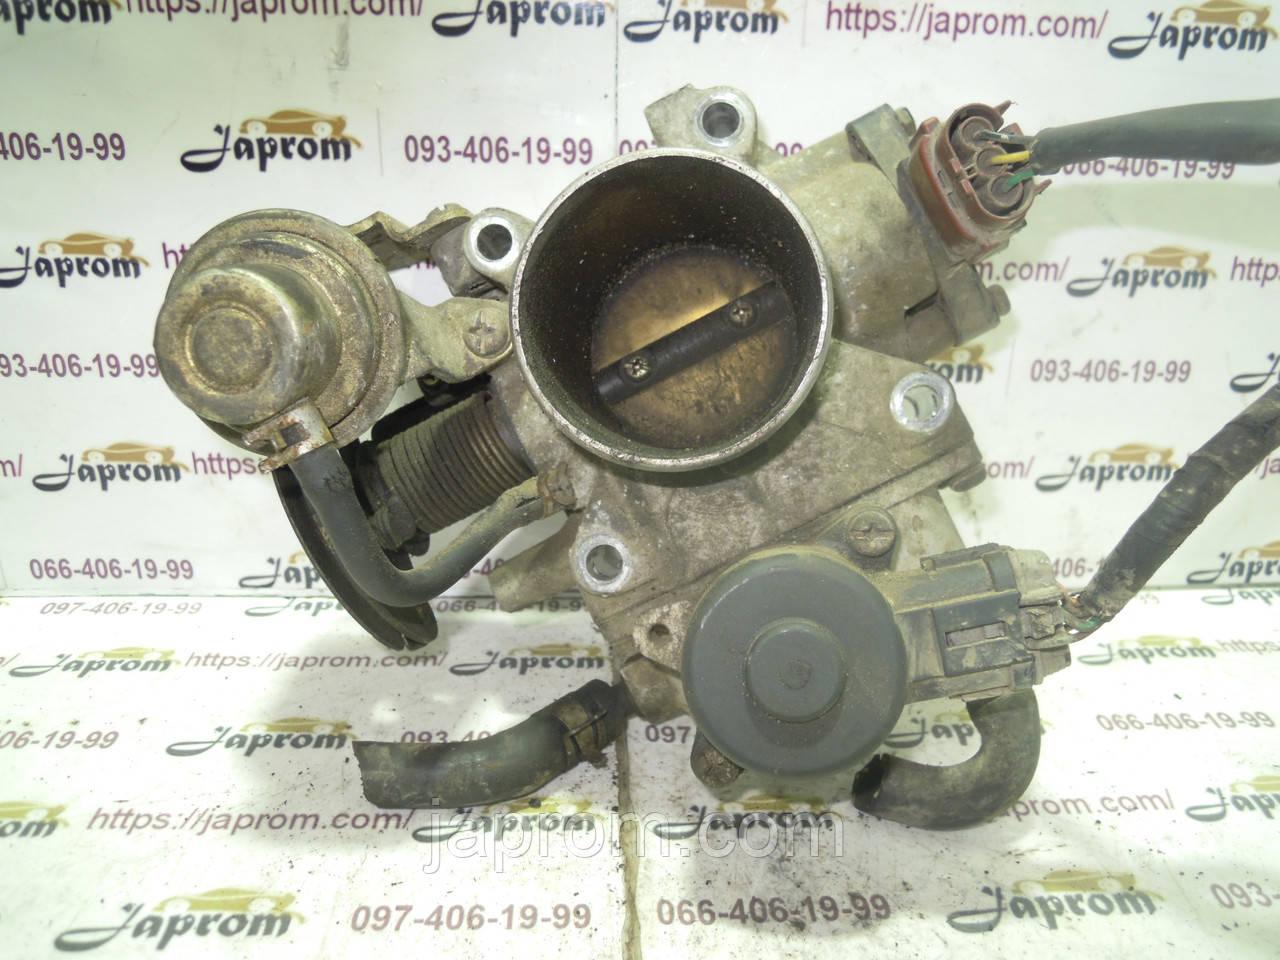 Дроссельная заслонка в сборе Nissan Almera N16 2000-2006г.в 1.8 бензин